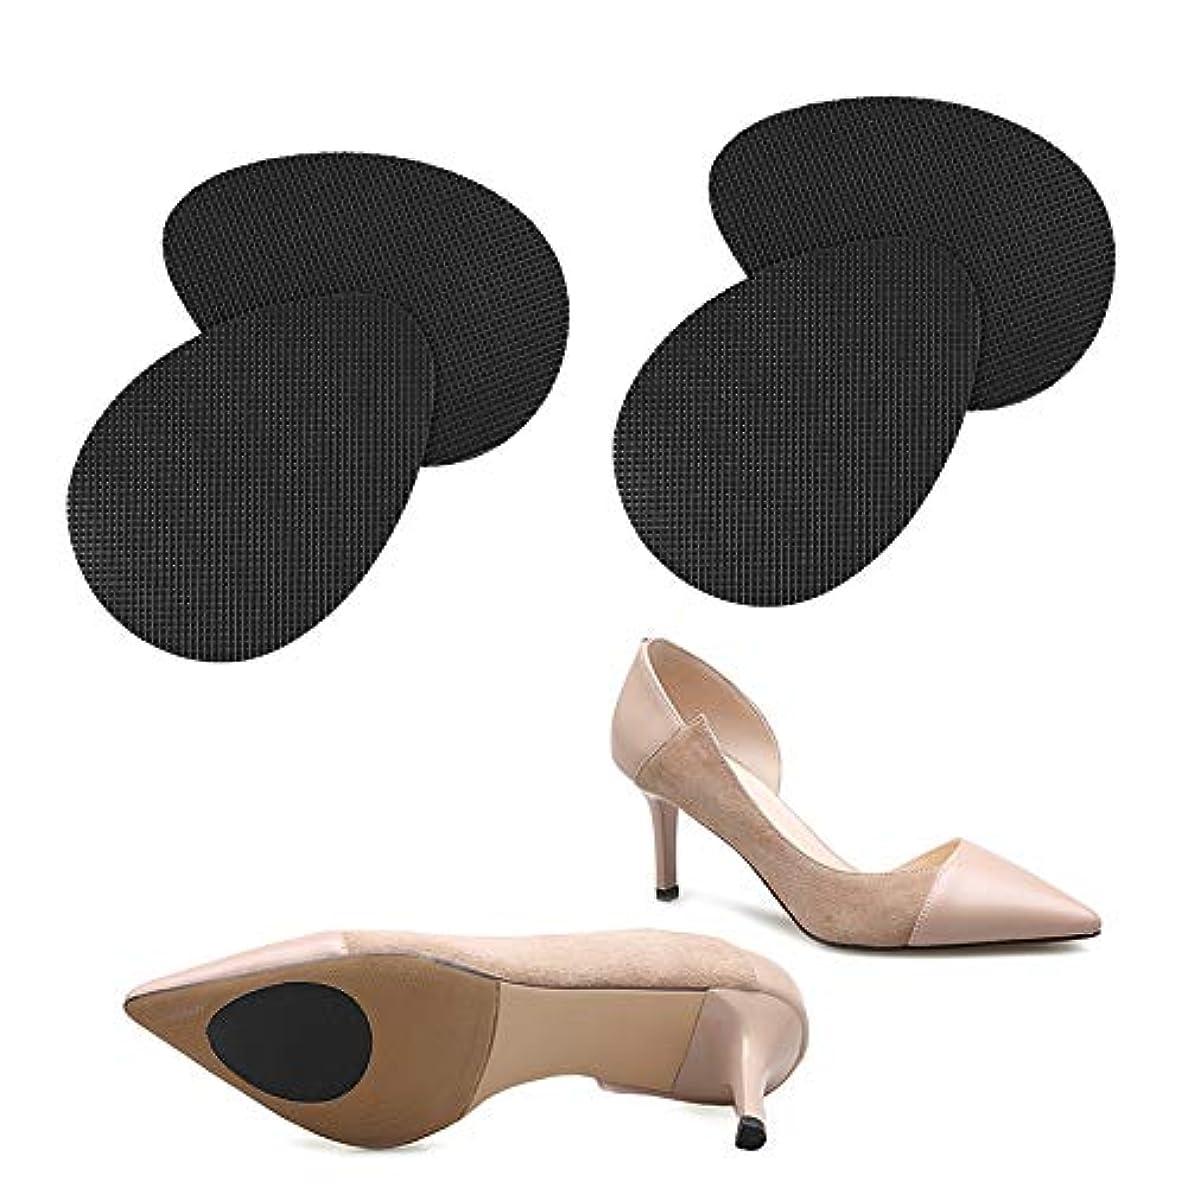 静脈降雨前文靴 滑り止め ステッカー,LINECY 【スリップガード】靴保護 シート つま先&かかと 靴底補修 滑り止め (2足4枚いり)